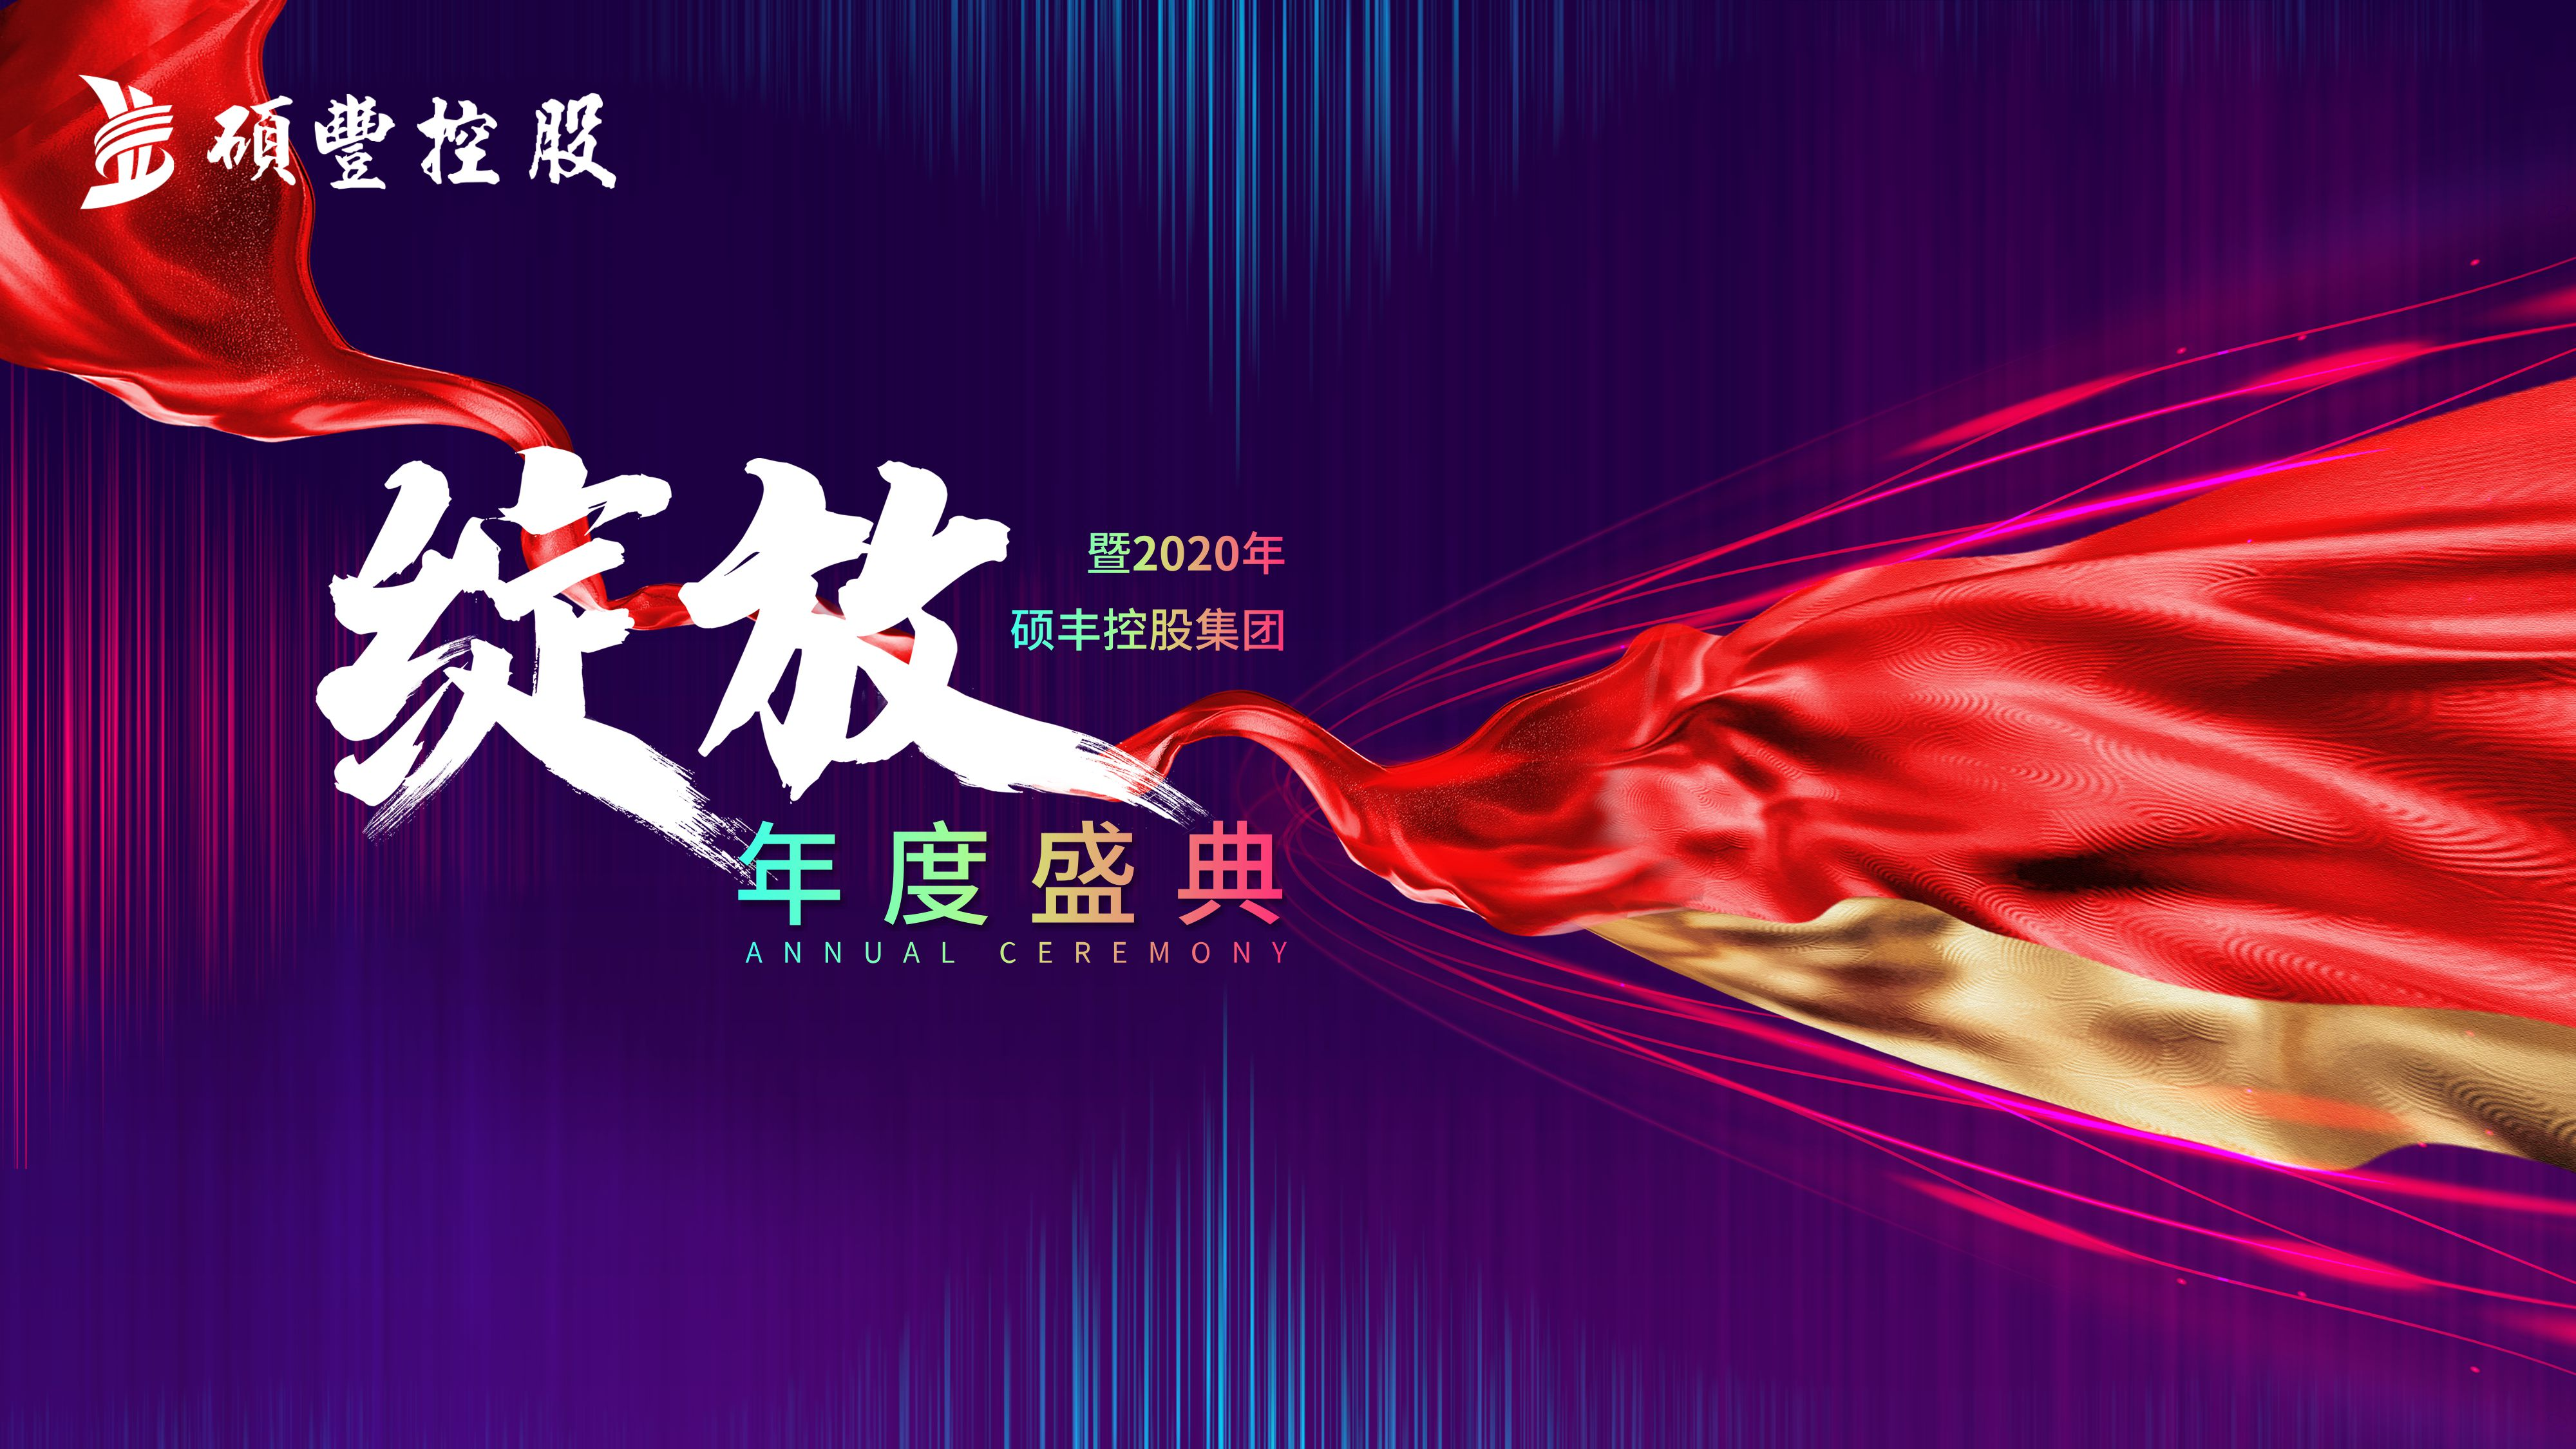 硕丰控股集团加入江西省地产协会并担任副会长单位